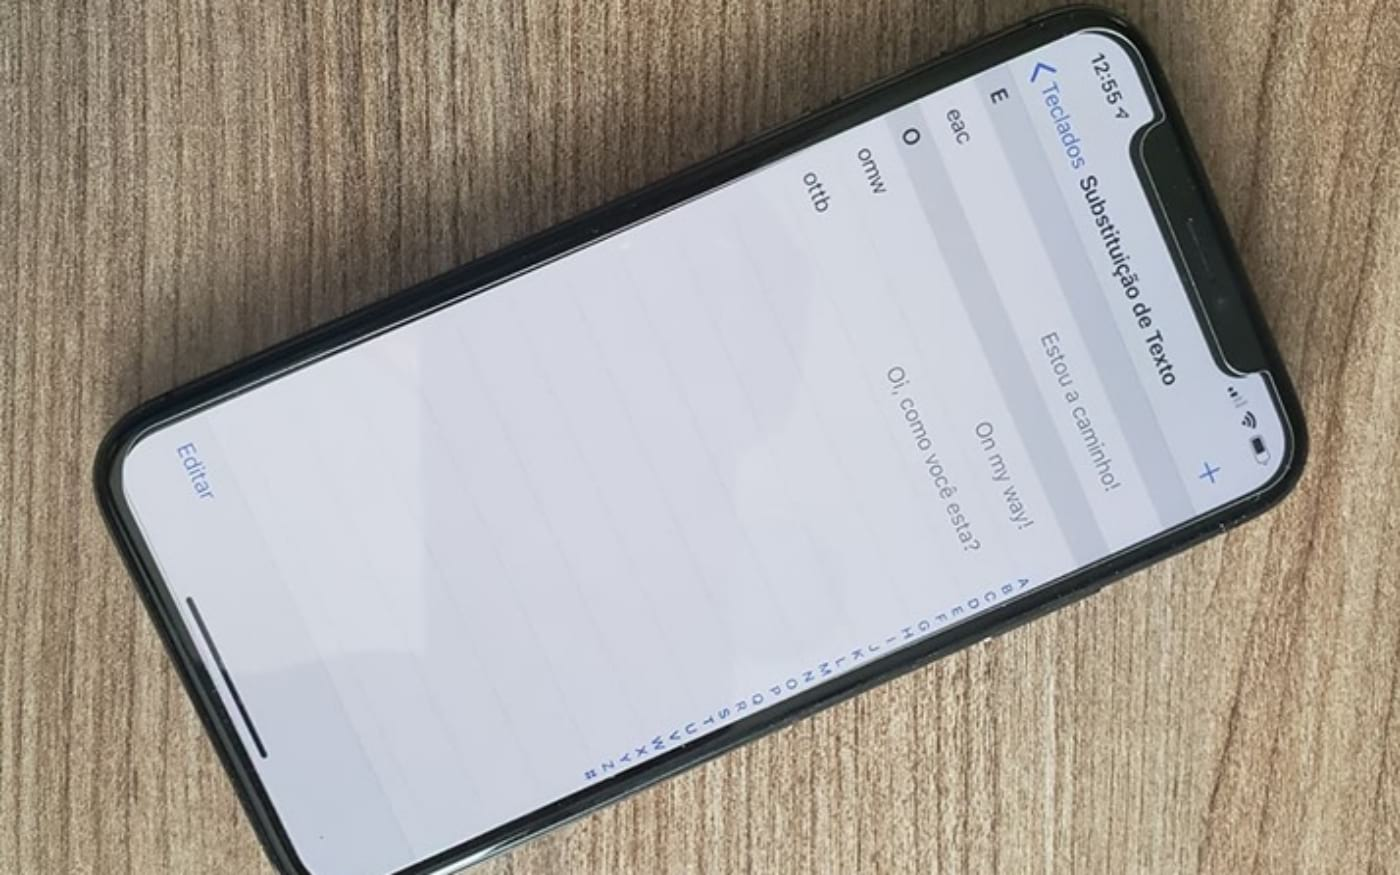 Como configurar o recurso secreto do teclado do iPhone